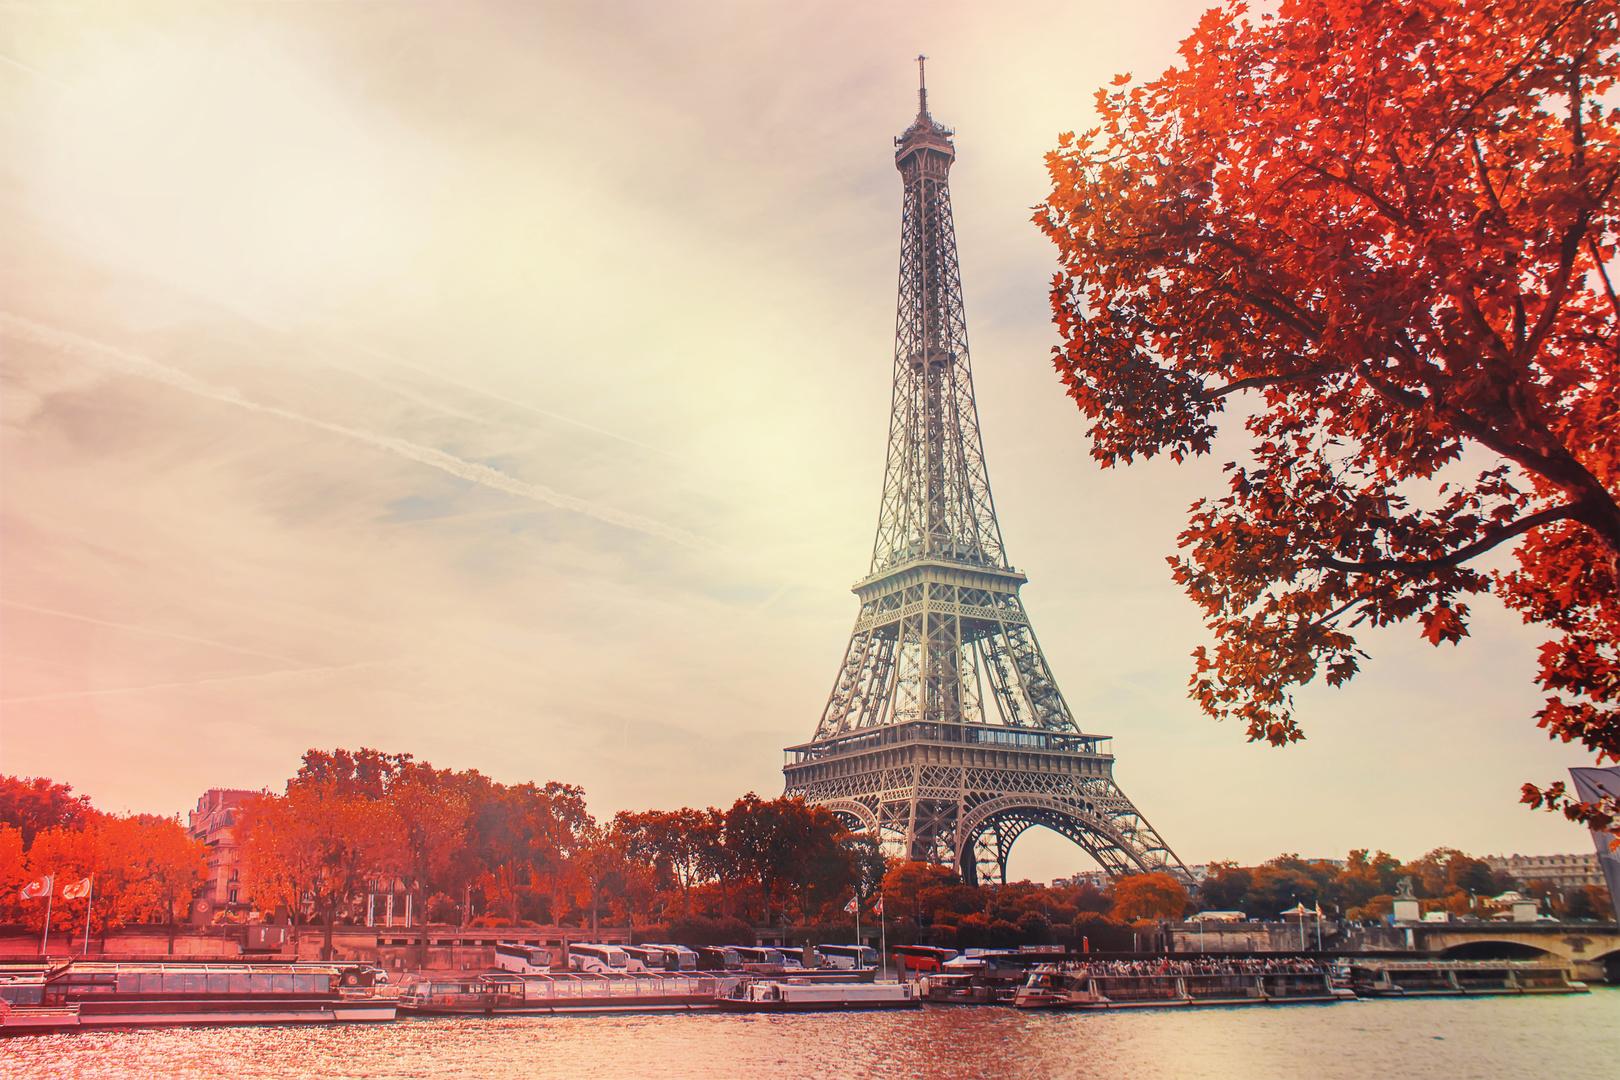 Fototapeta Eiffelova věž, červené listy stromů, pohled shora nad Seinou